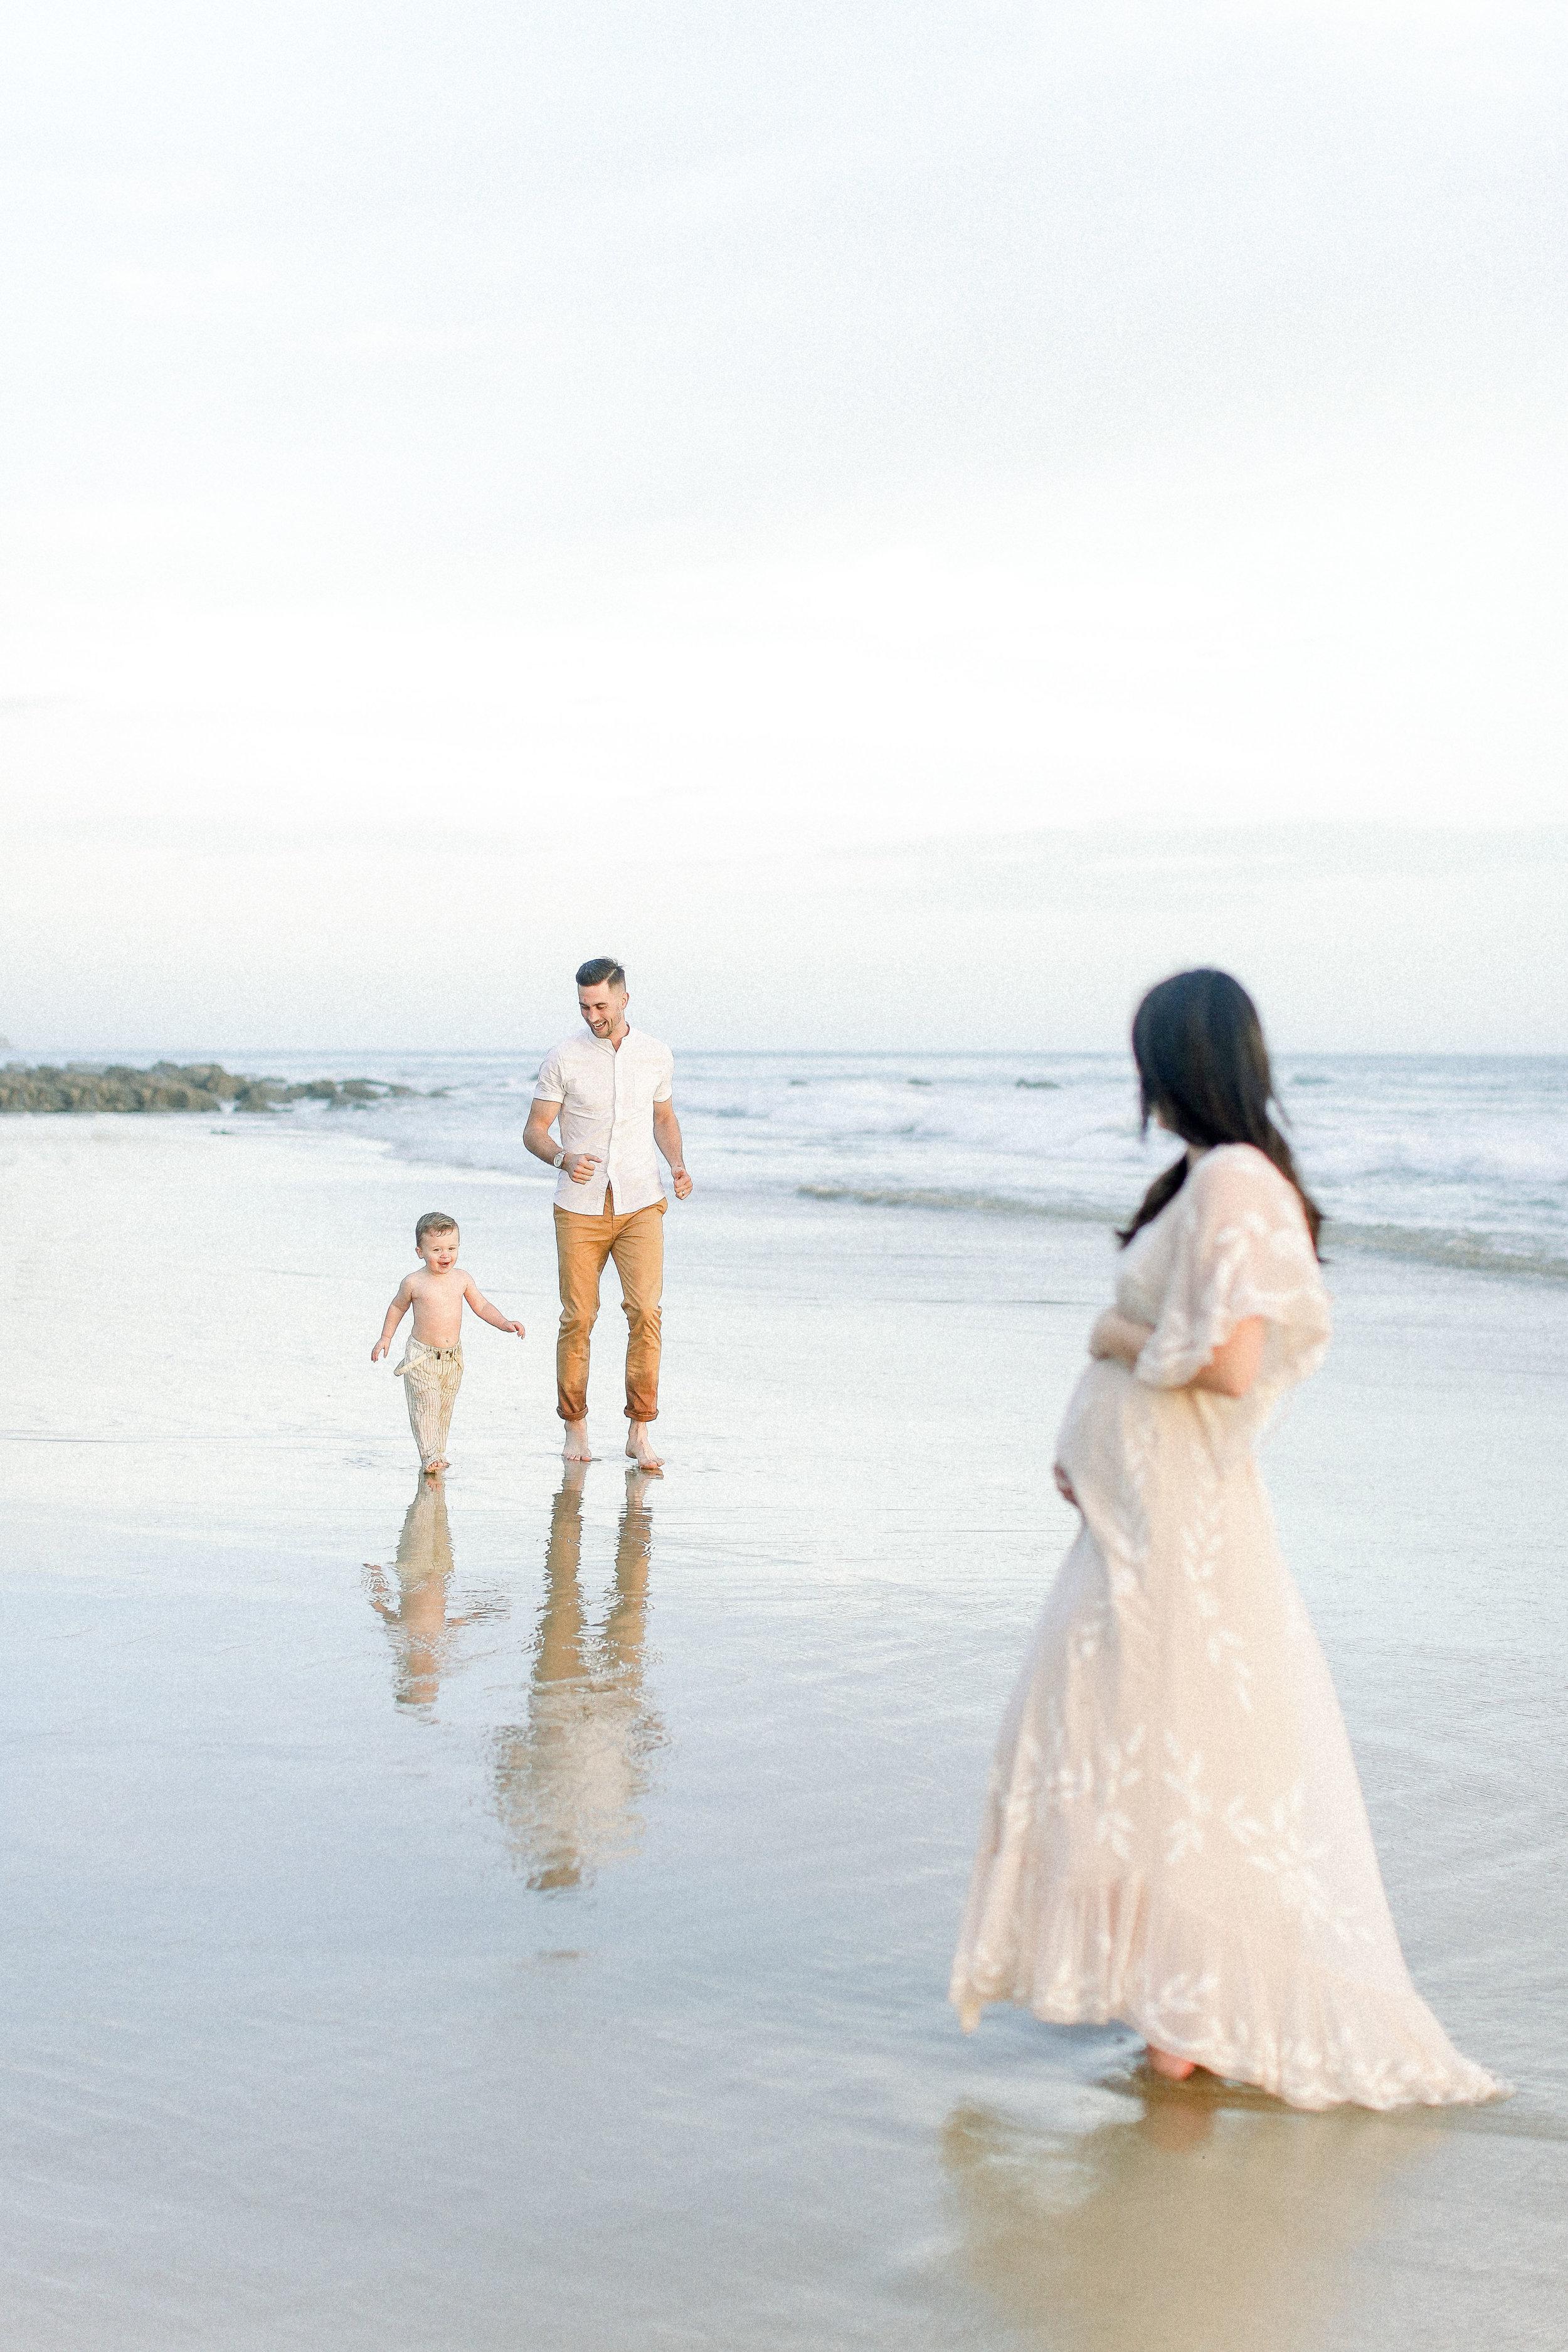 Cori-Kleckner-Photography- Parker Family Session1-175.JPG